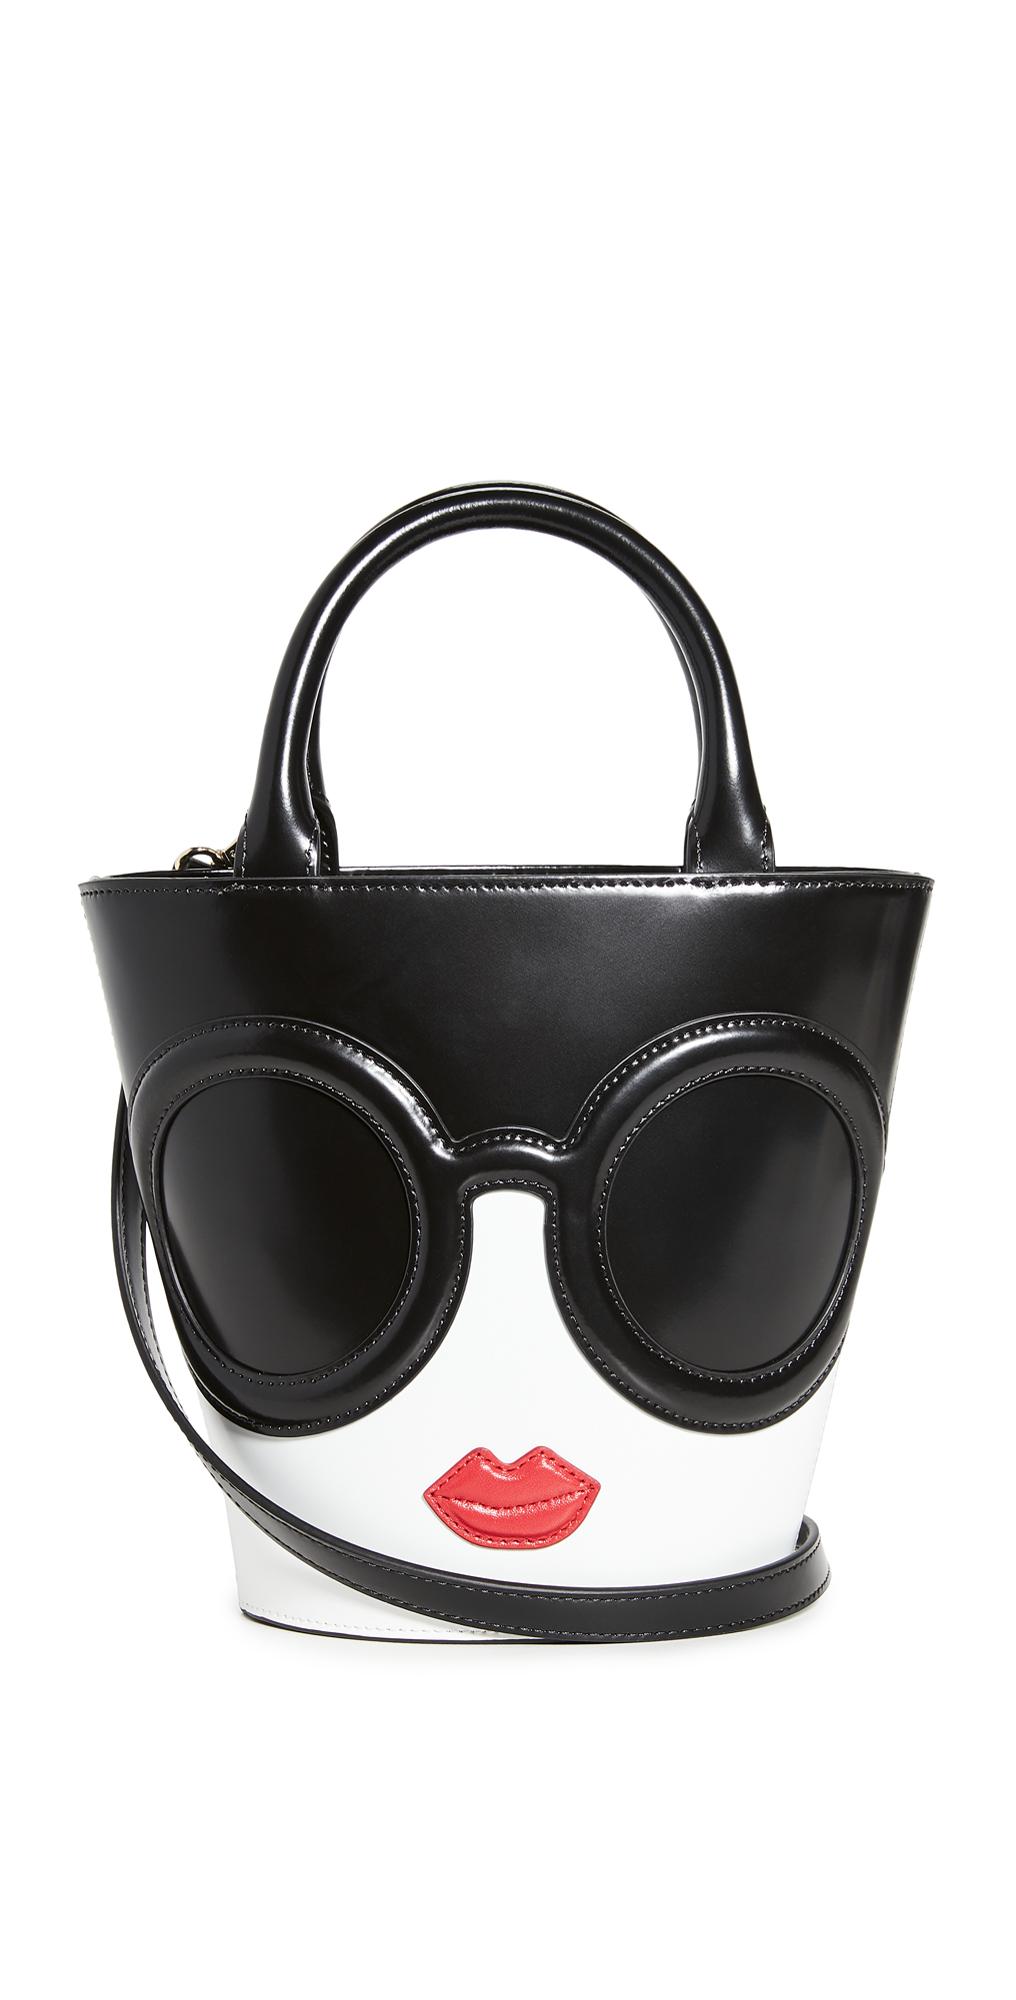 alice + olivia Spencer Stace Face Bucket Bag